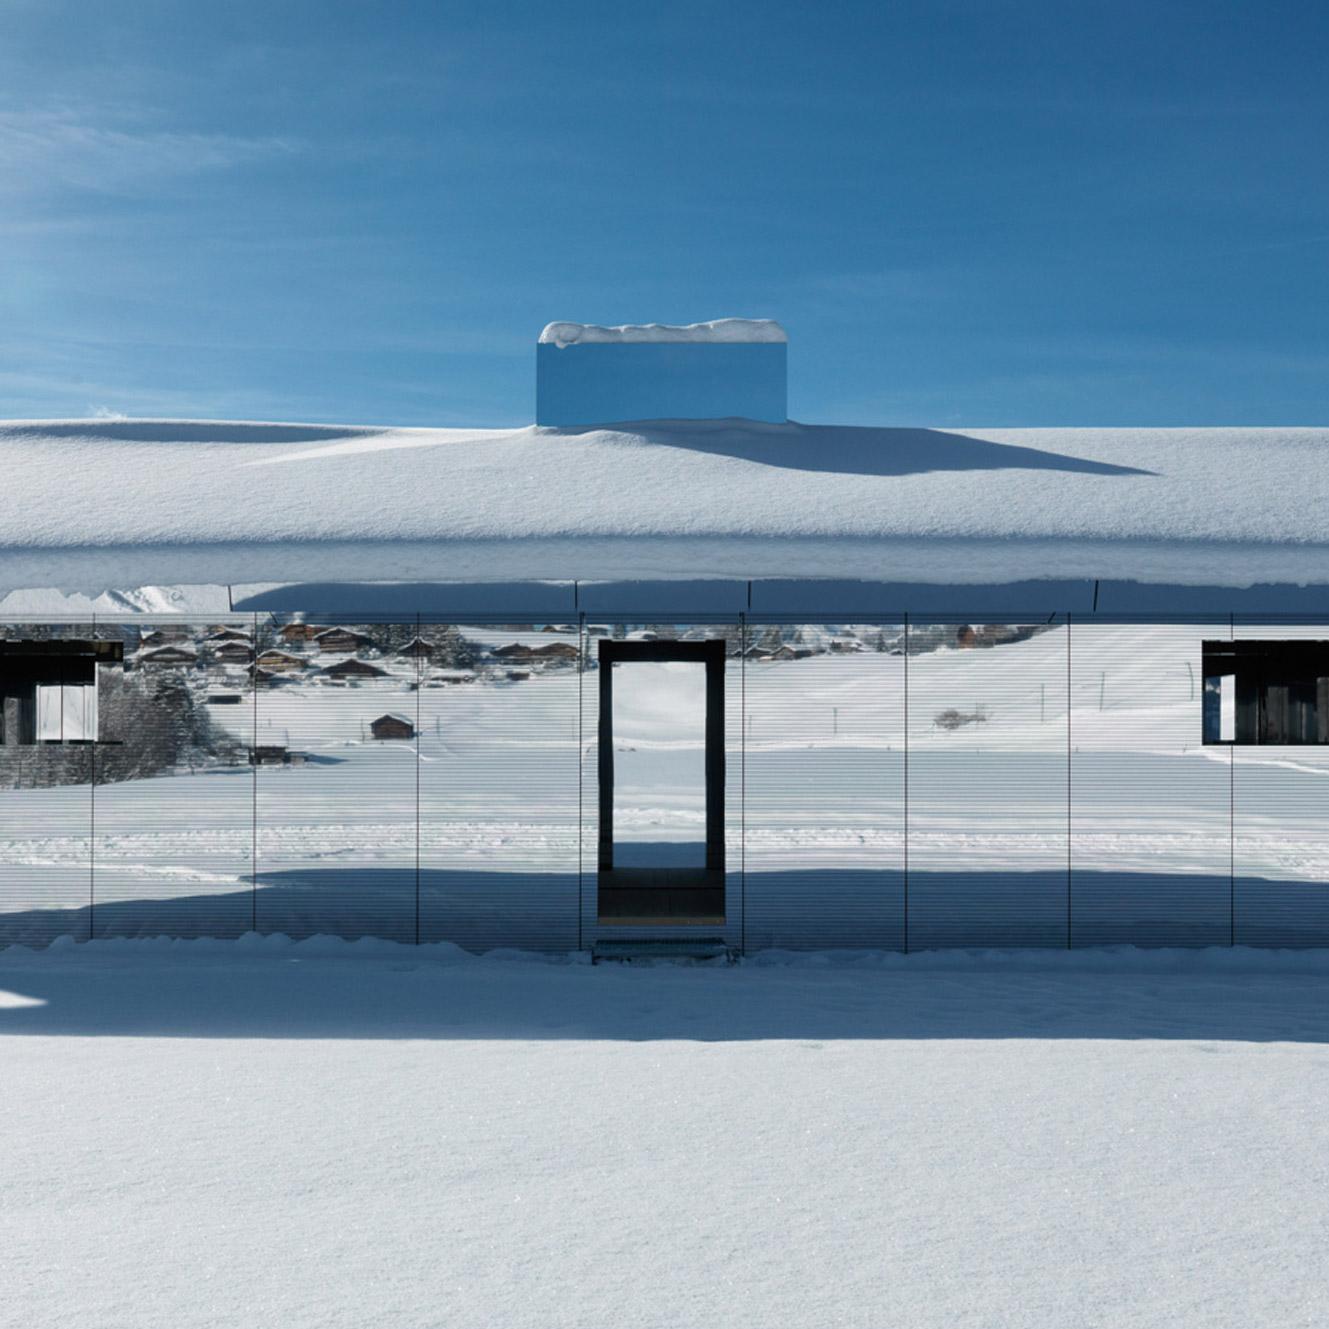 Dezeen's top 10 houses of 2019: Doug Aitken Gstaad mirrored house installation